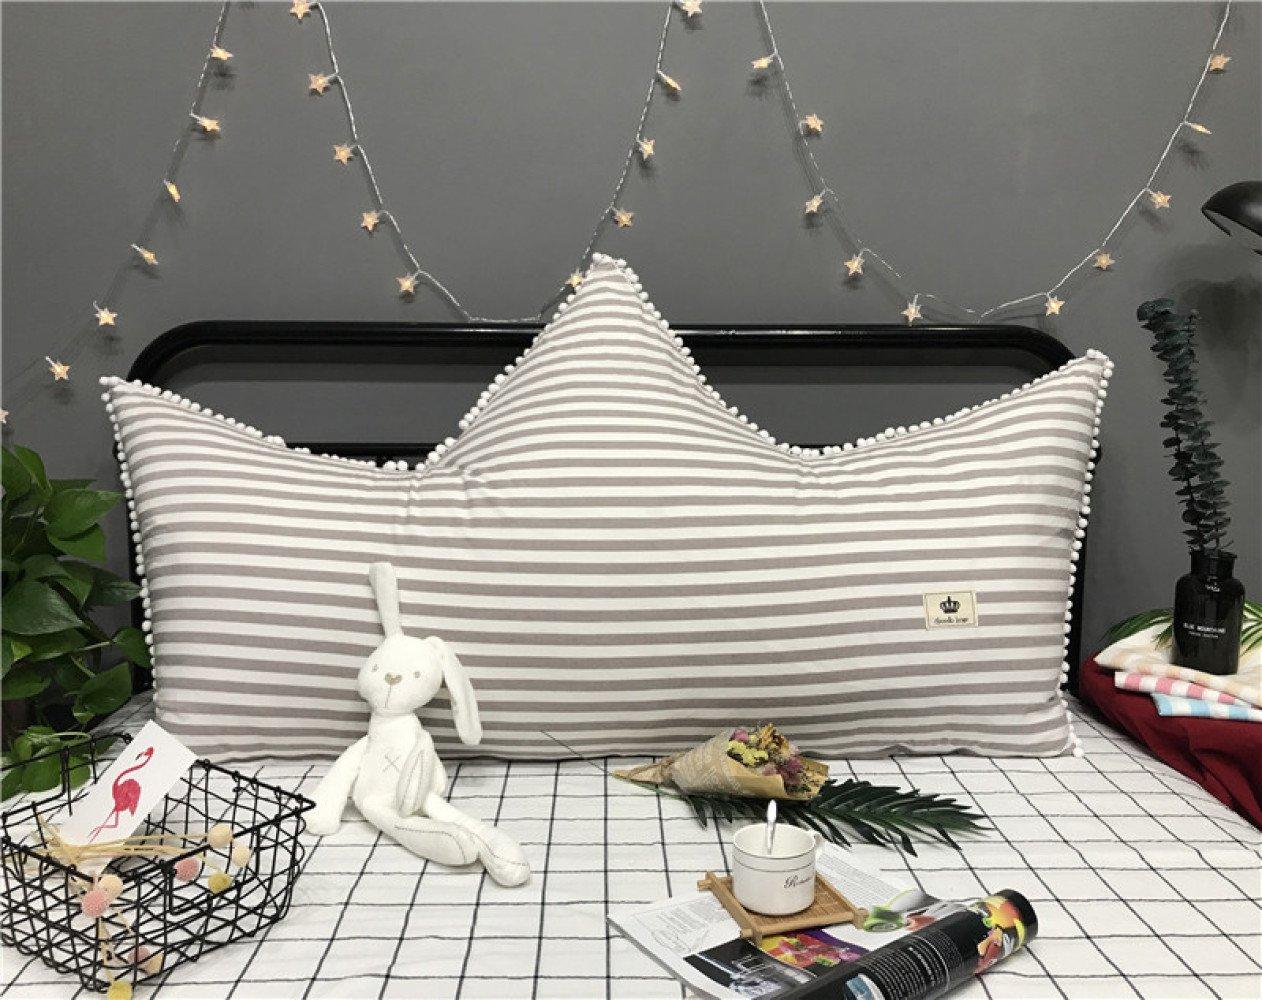 Krone Bett Rückenlehne Prinzessin Zimmer Weich Kopfteil Kissen 100% Baumwolle Bett Kissen Für Bett Sofa Moderne Kreative Einfache Streifen Rückenlehne Kissen,GrauStripe-59  31inch(150  80cm)